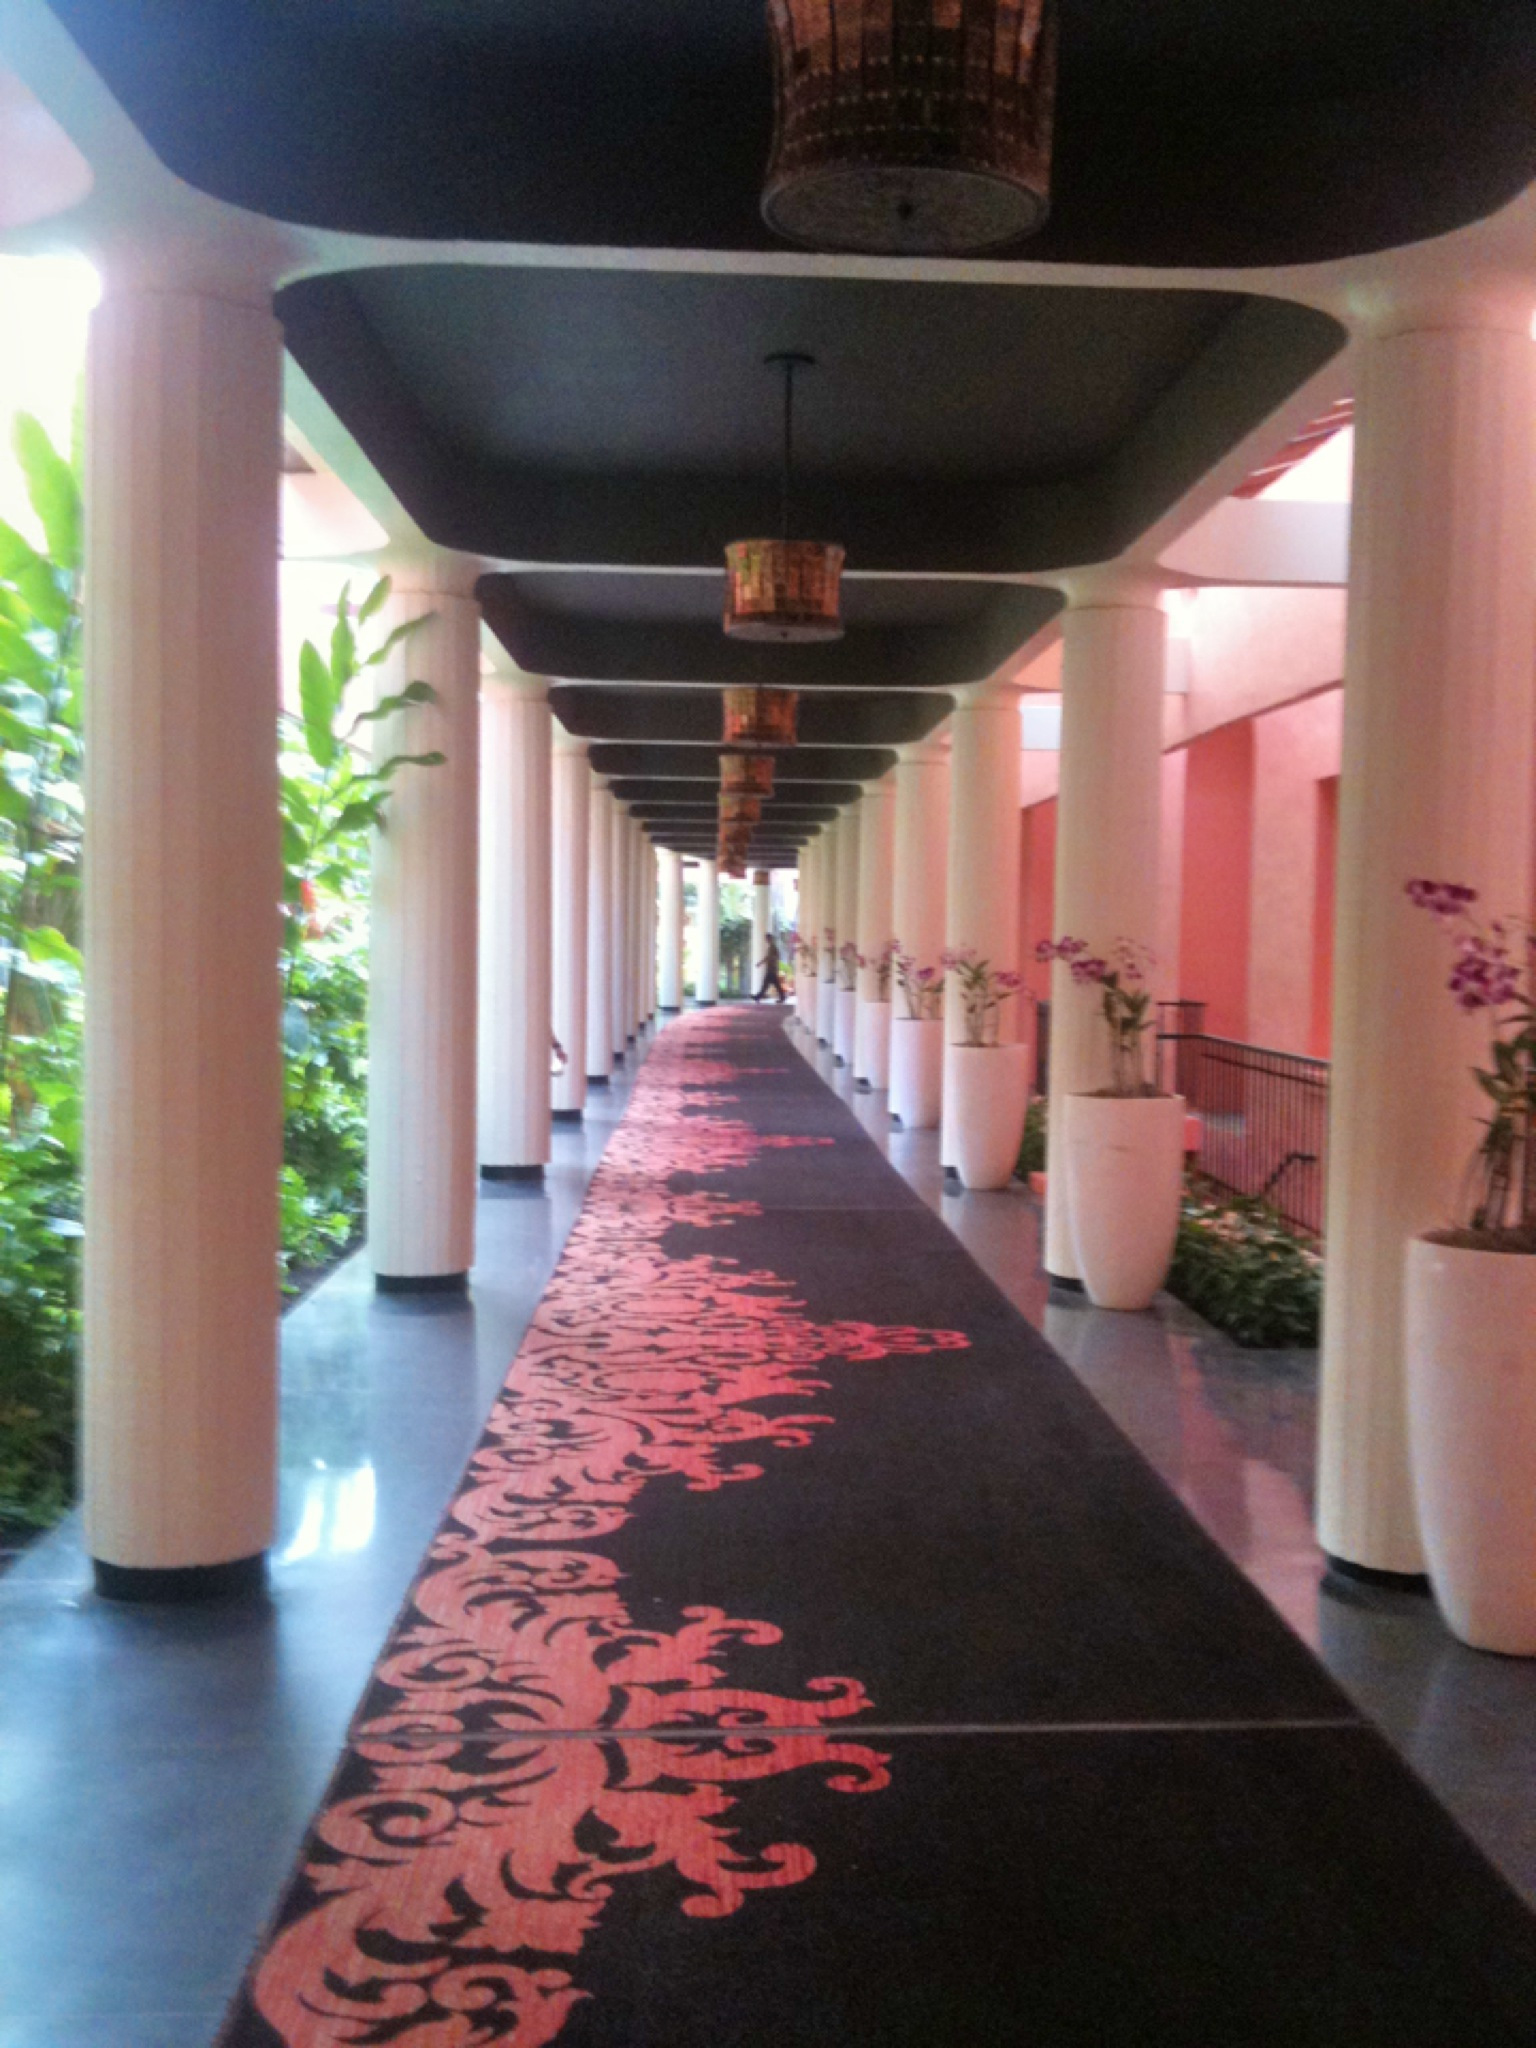 The Royal Hawaiian Hotel Honolulu Hawaii Hotel Slippers